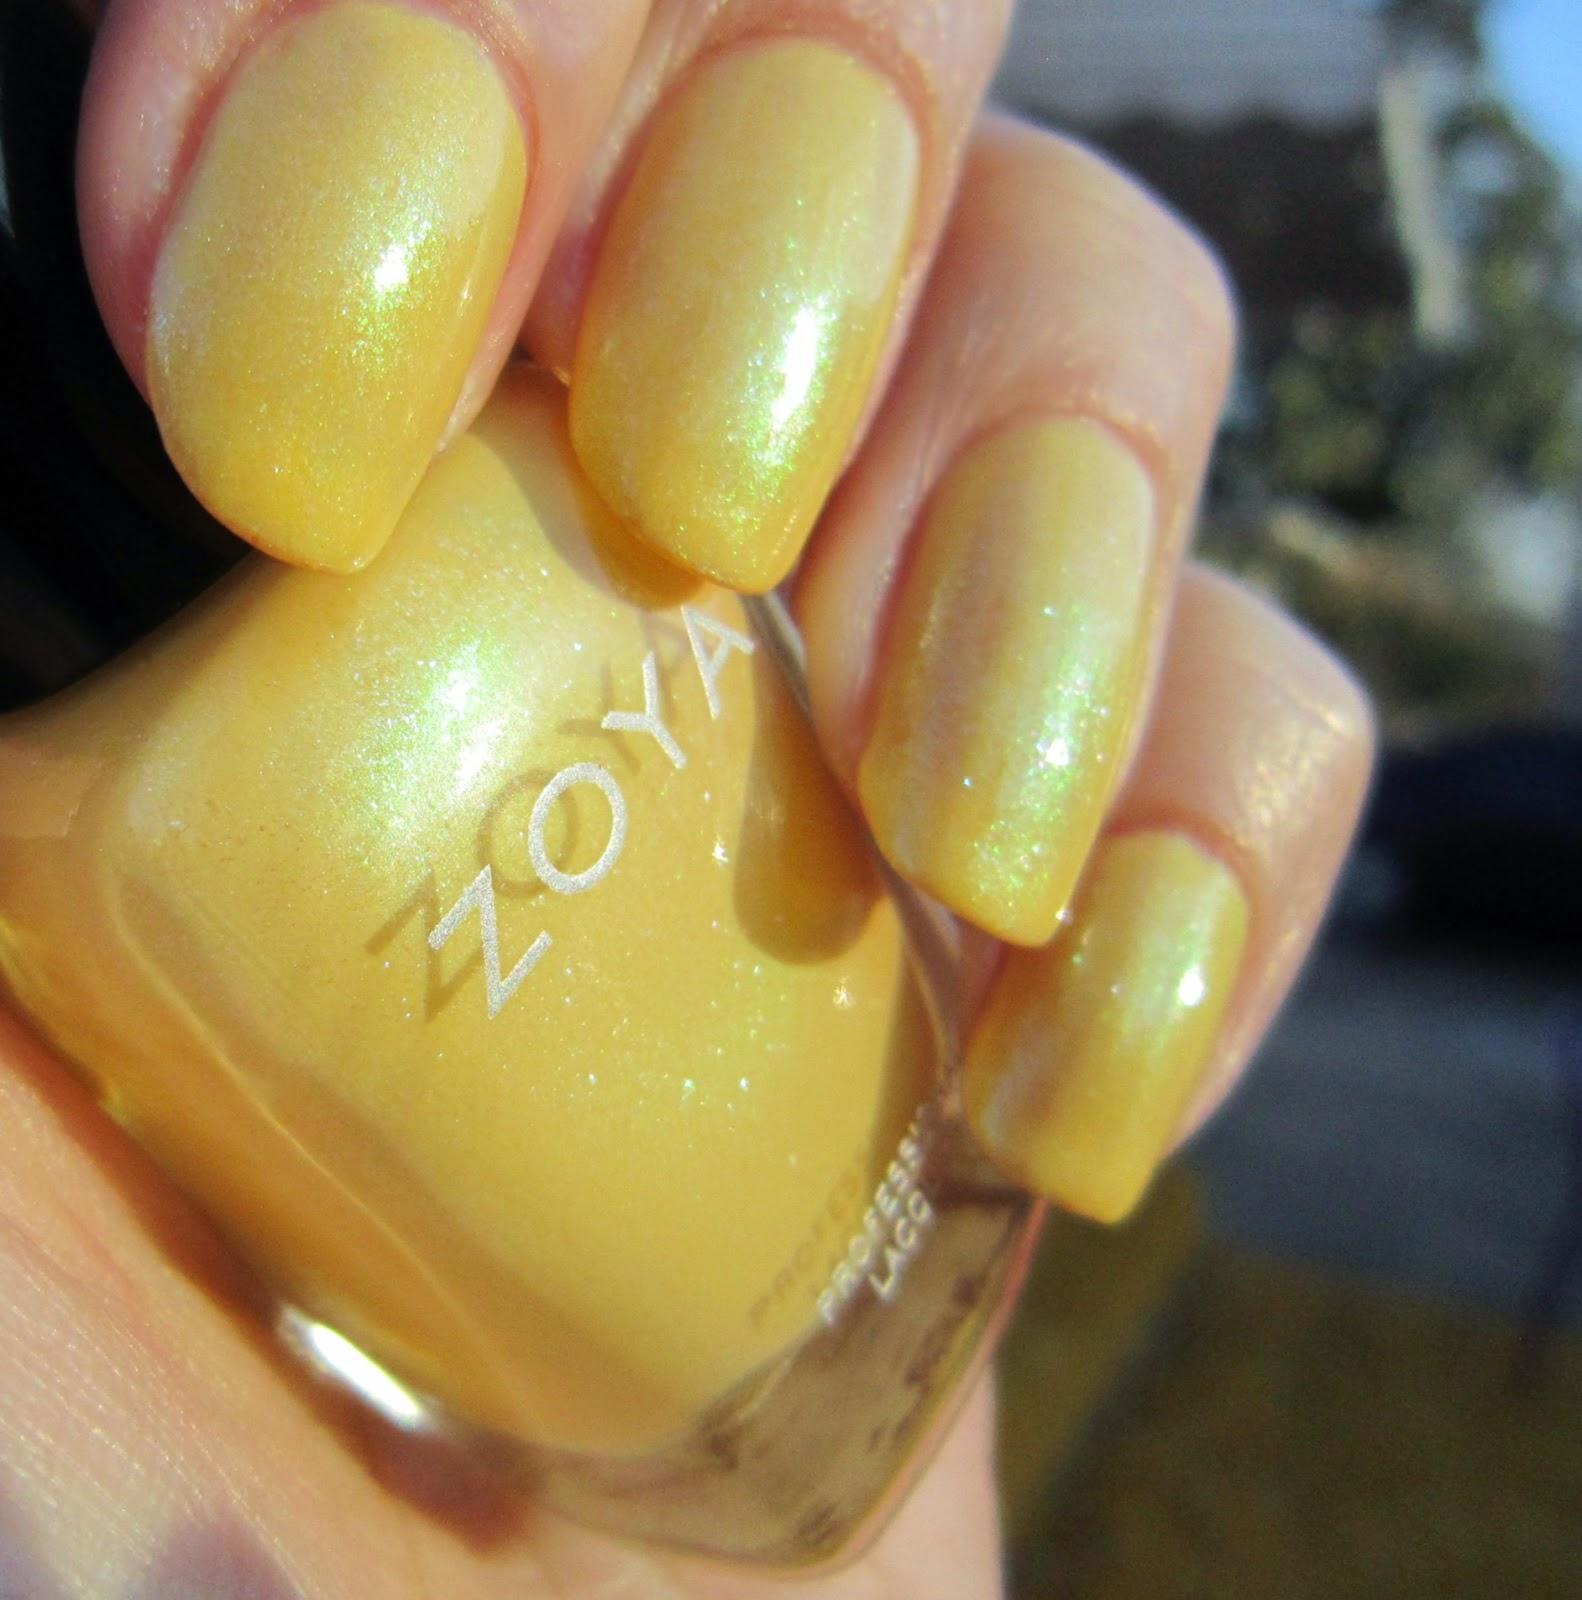 Concrete and Nail Polish: Zoya Daisy